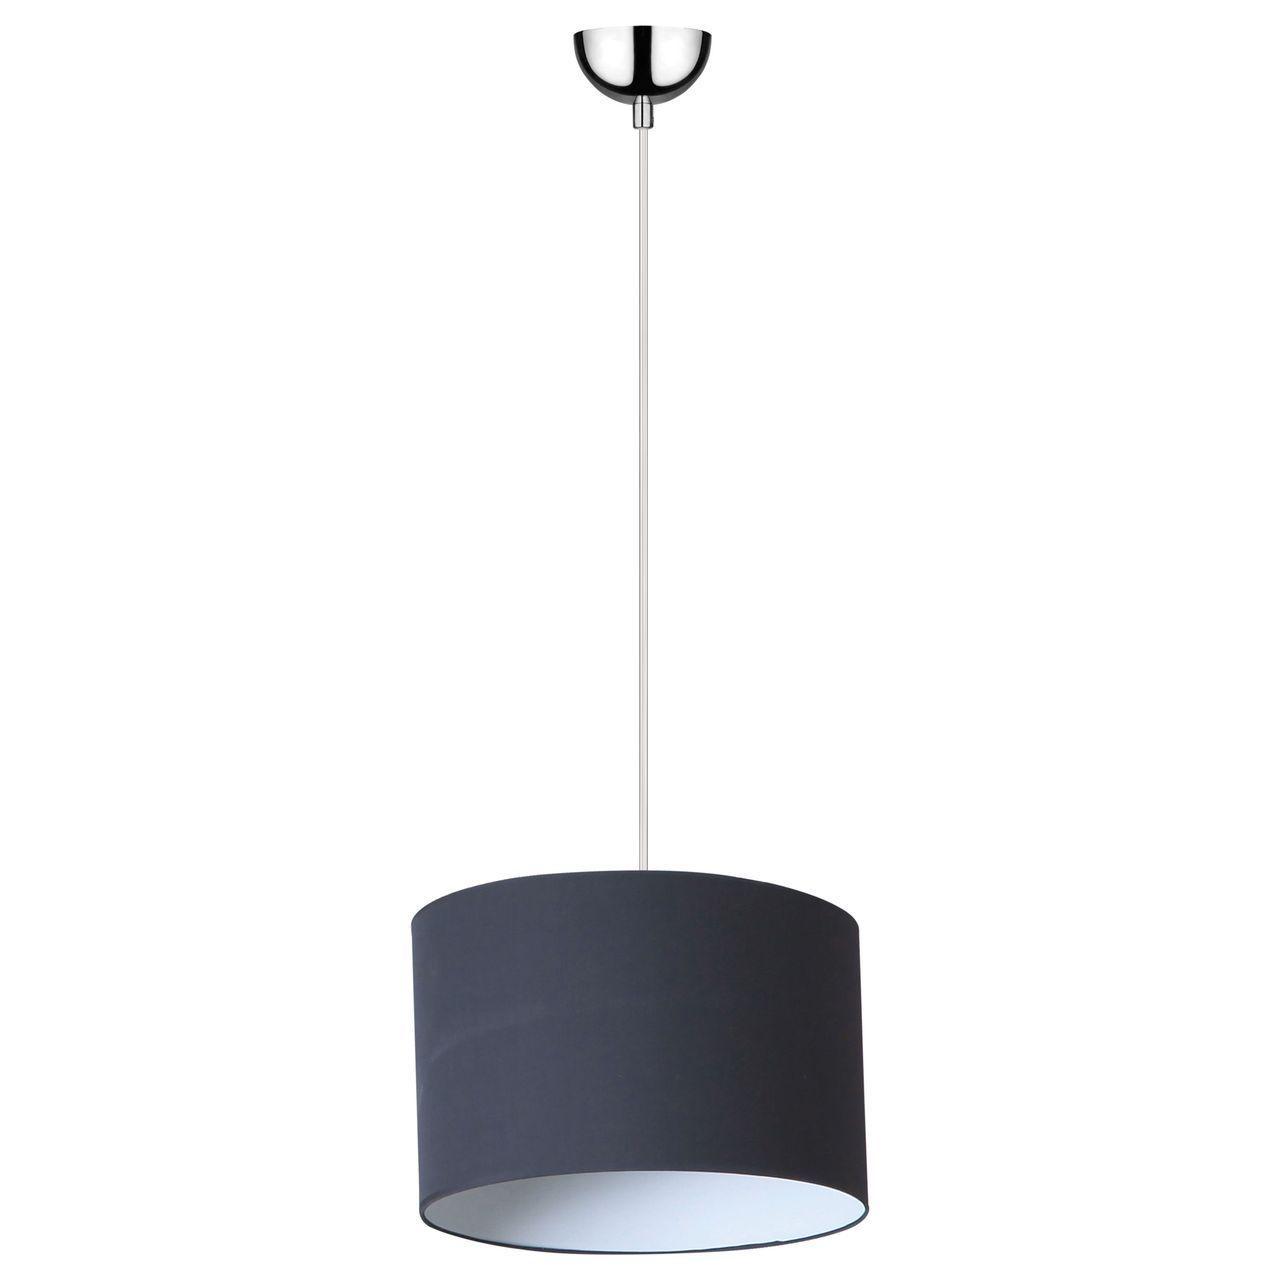 Купить Подвесной светильник Spot Light Mirani, inmyroom, Польша